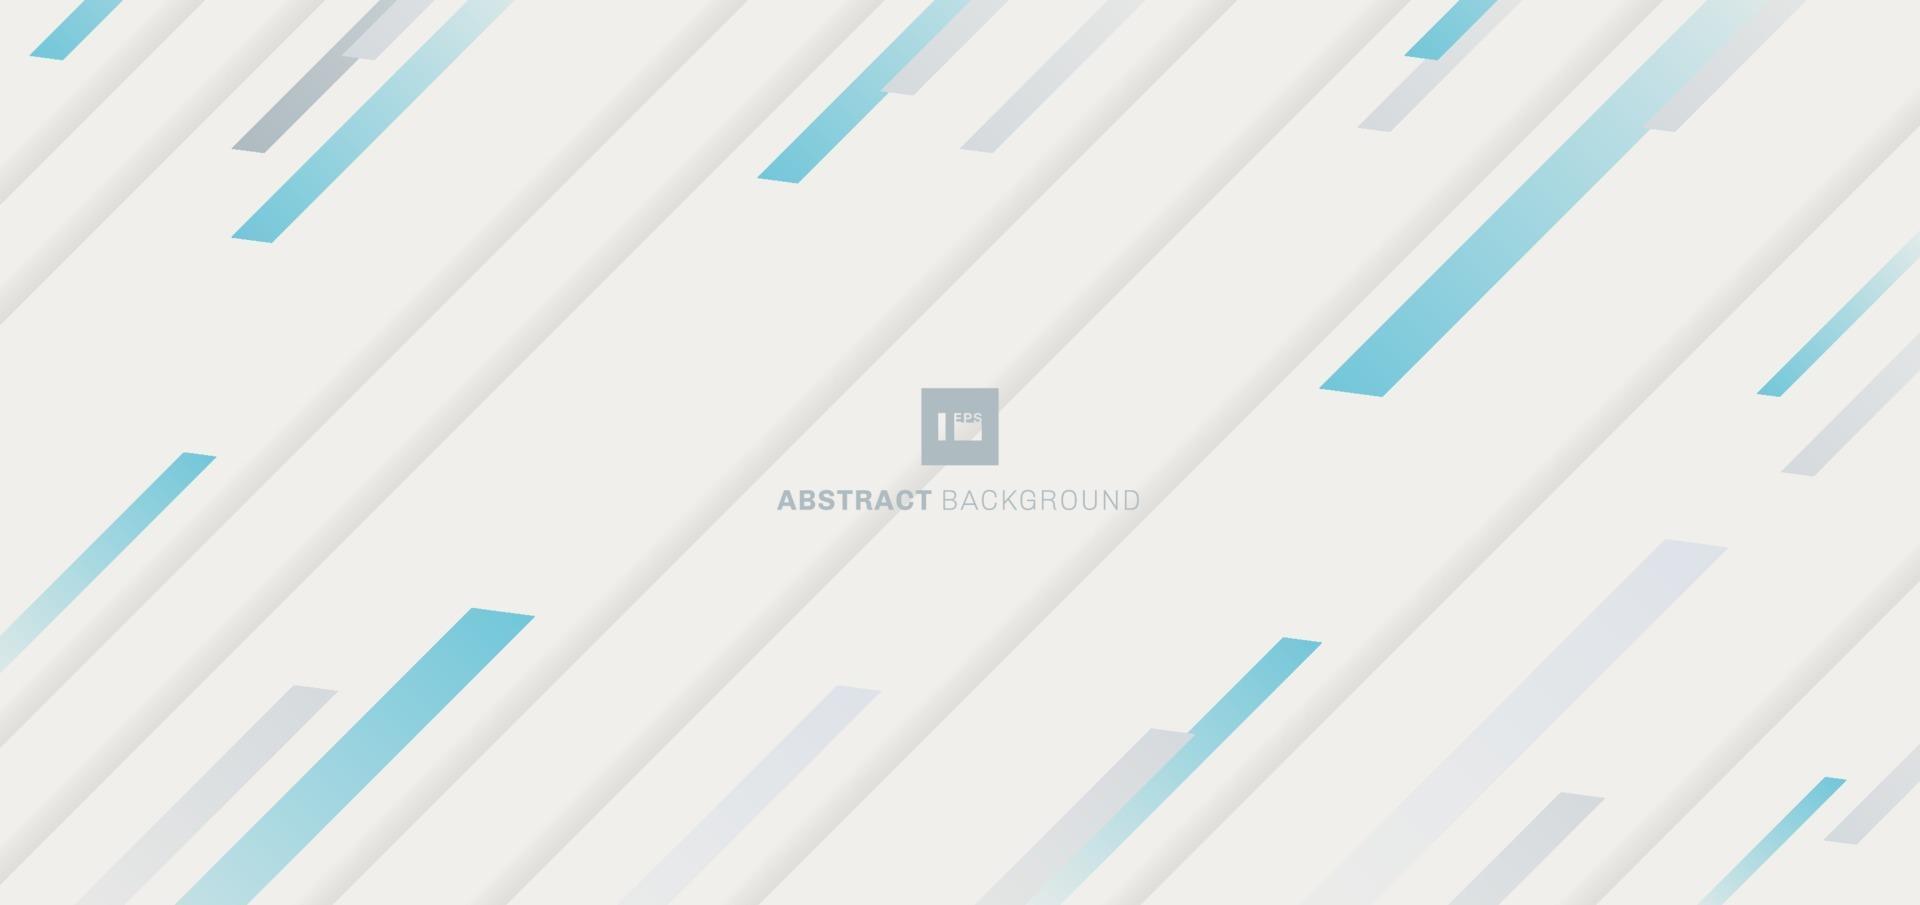 modello diagonale astratto striscia blu su sfondo bianco. vettore